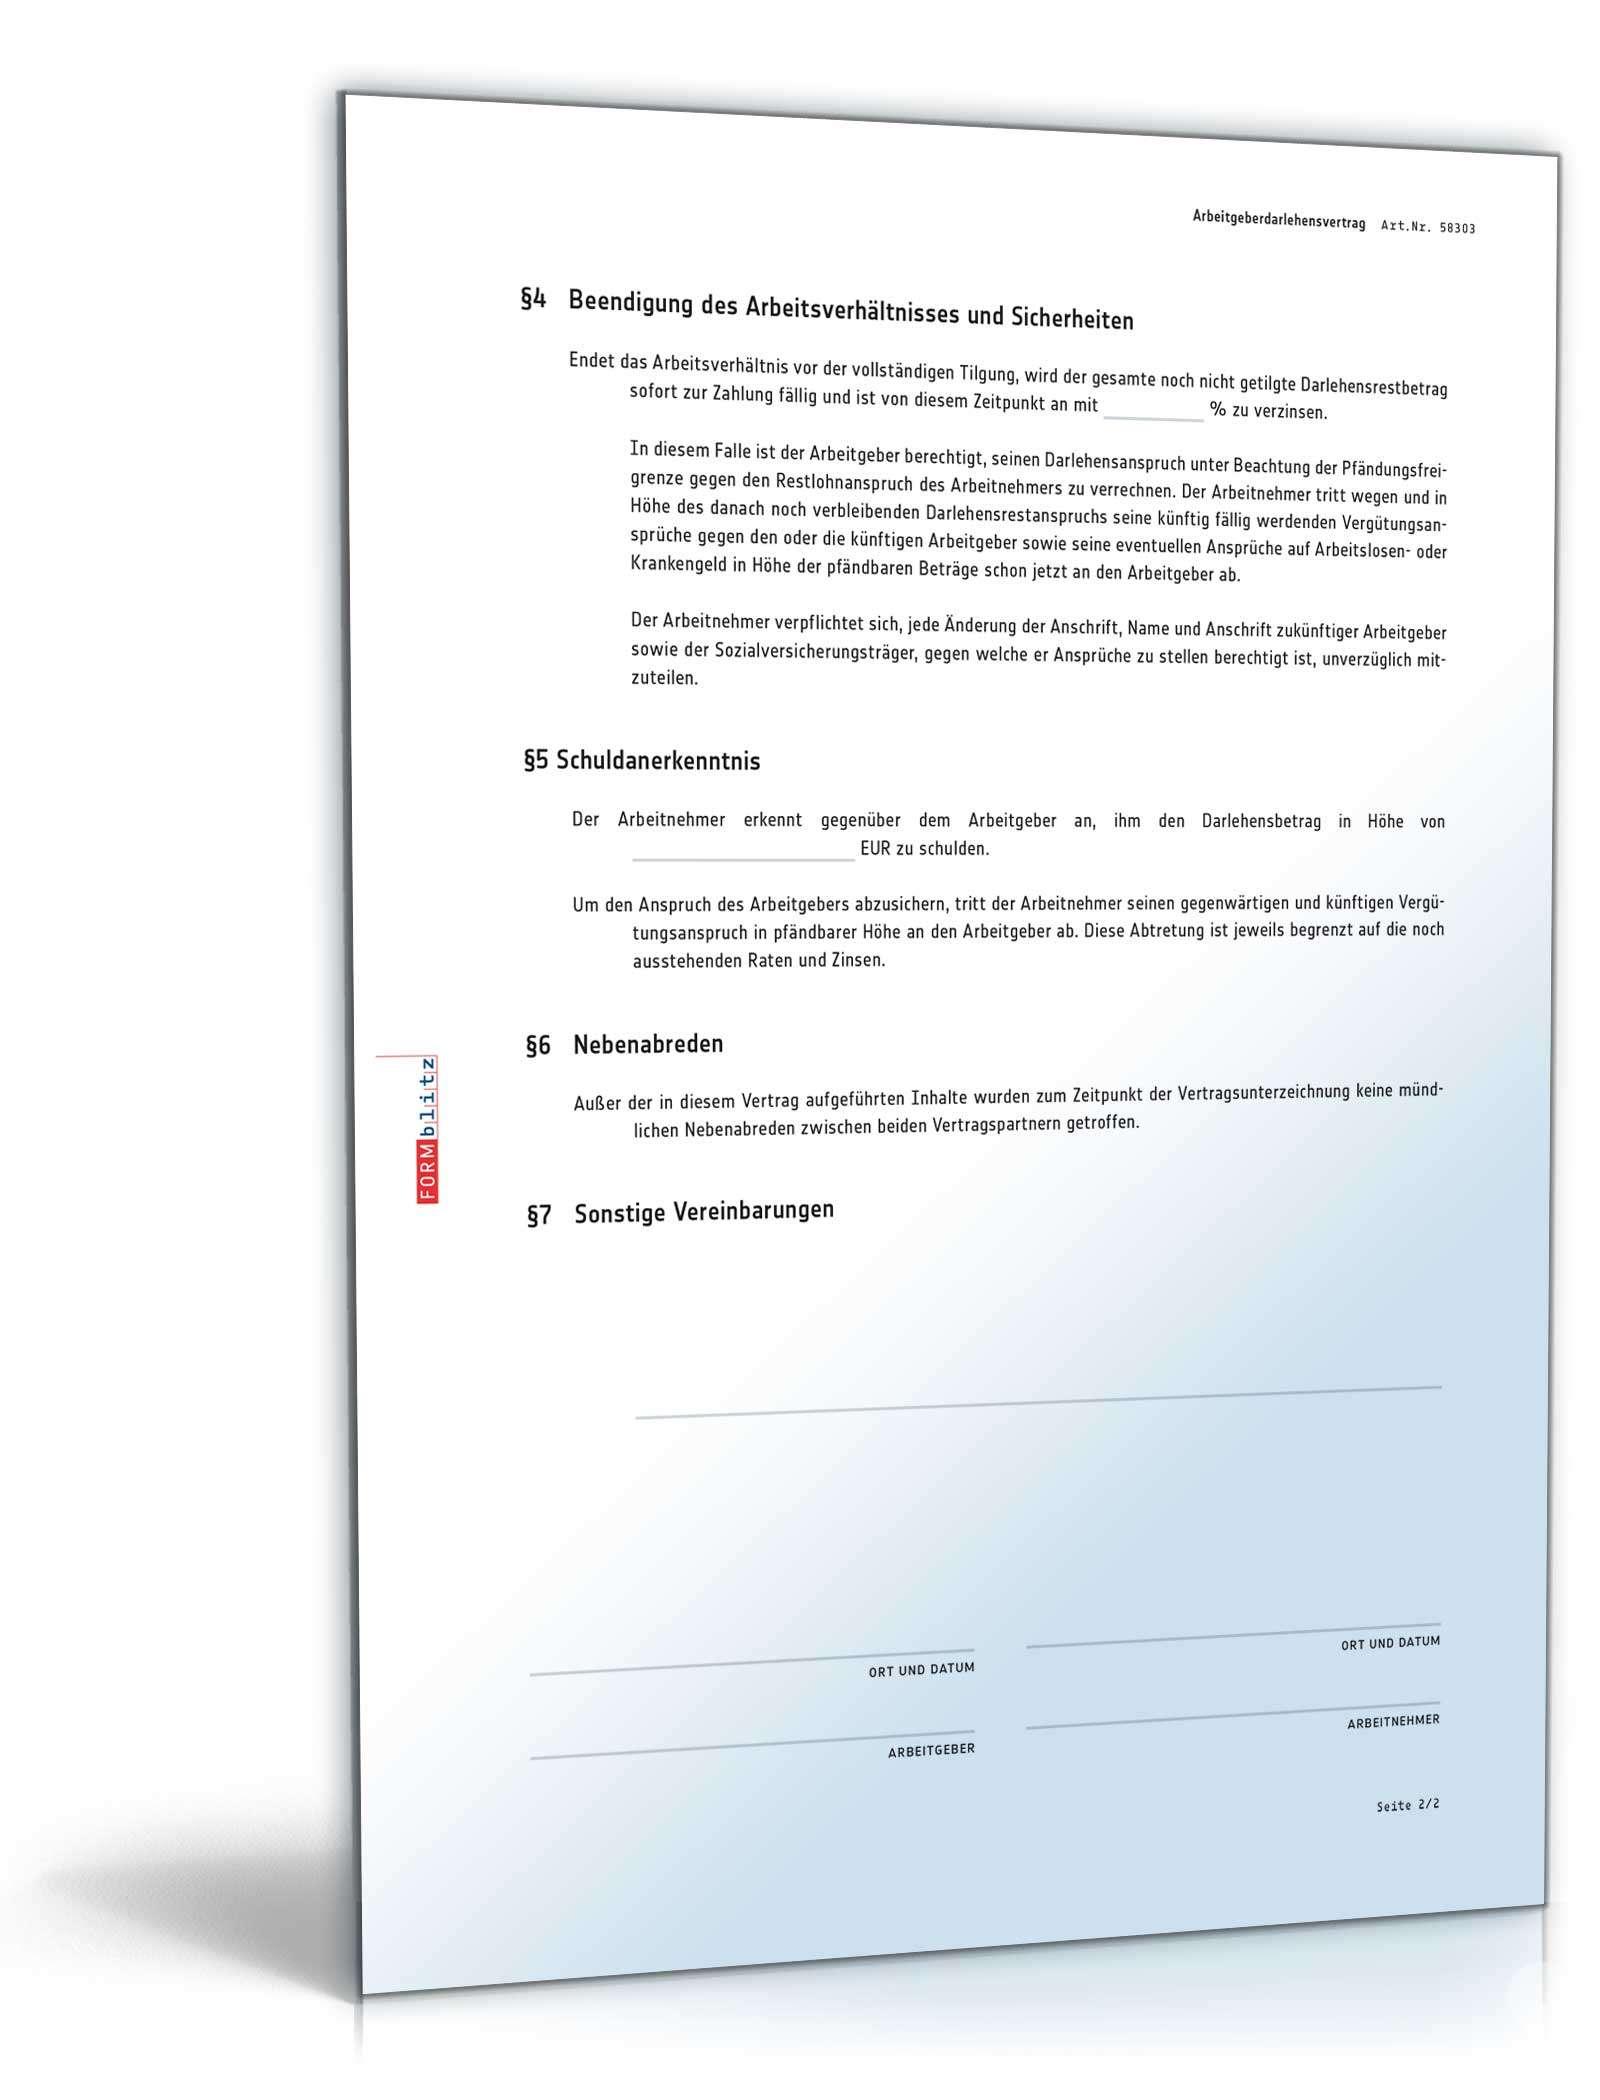 Arbeitgeberdarlehensvertrag Mit Schuldanerkenntnis Muster Zum Download